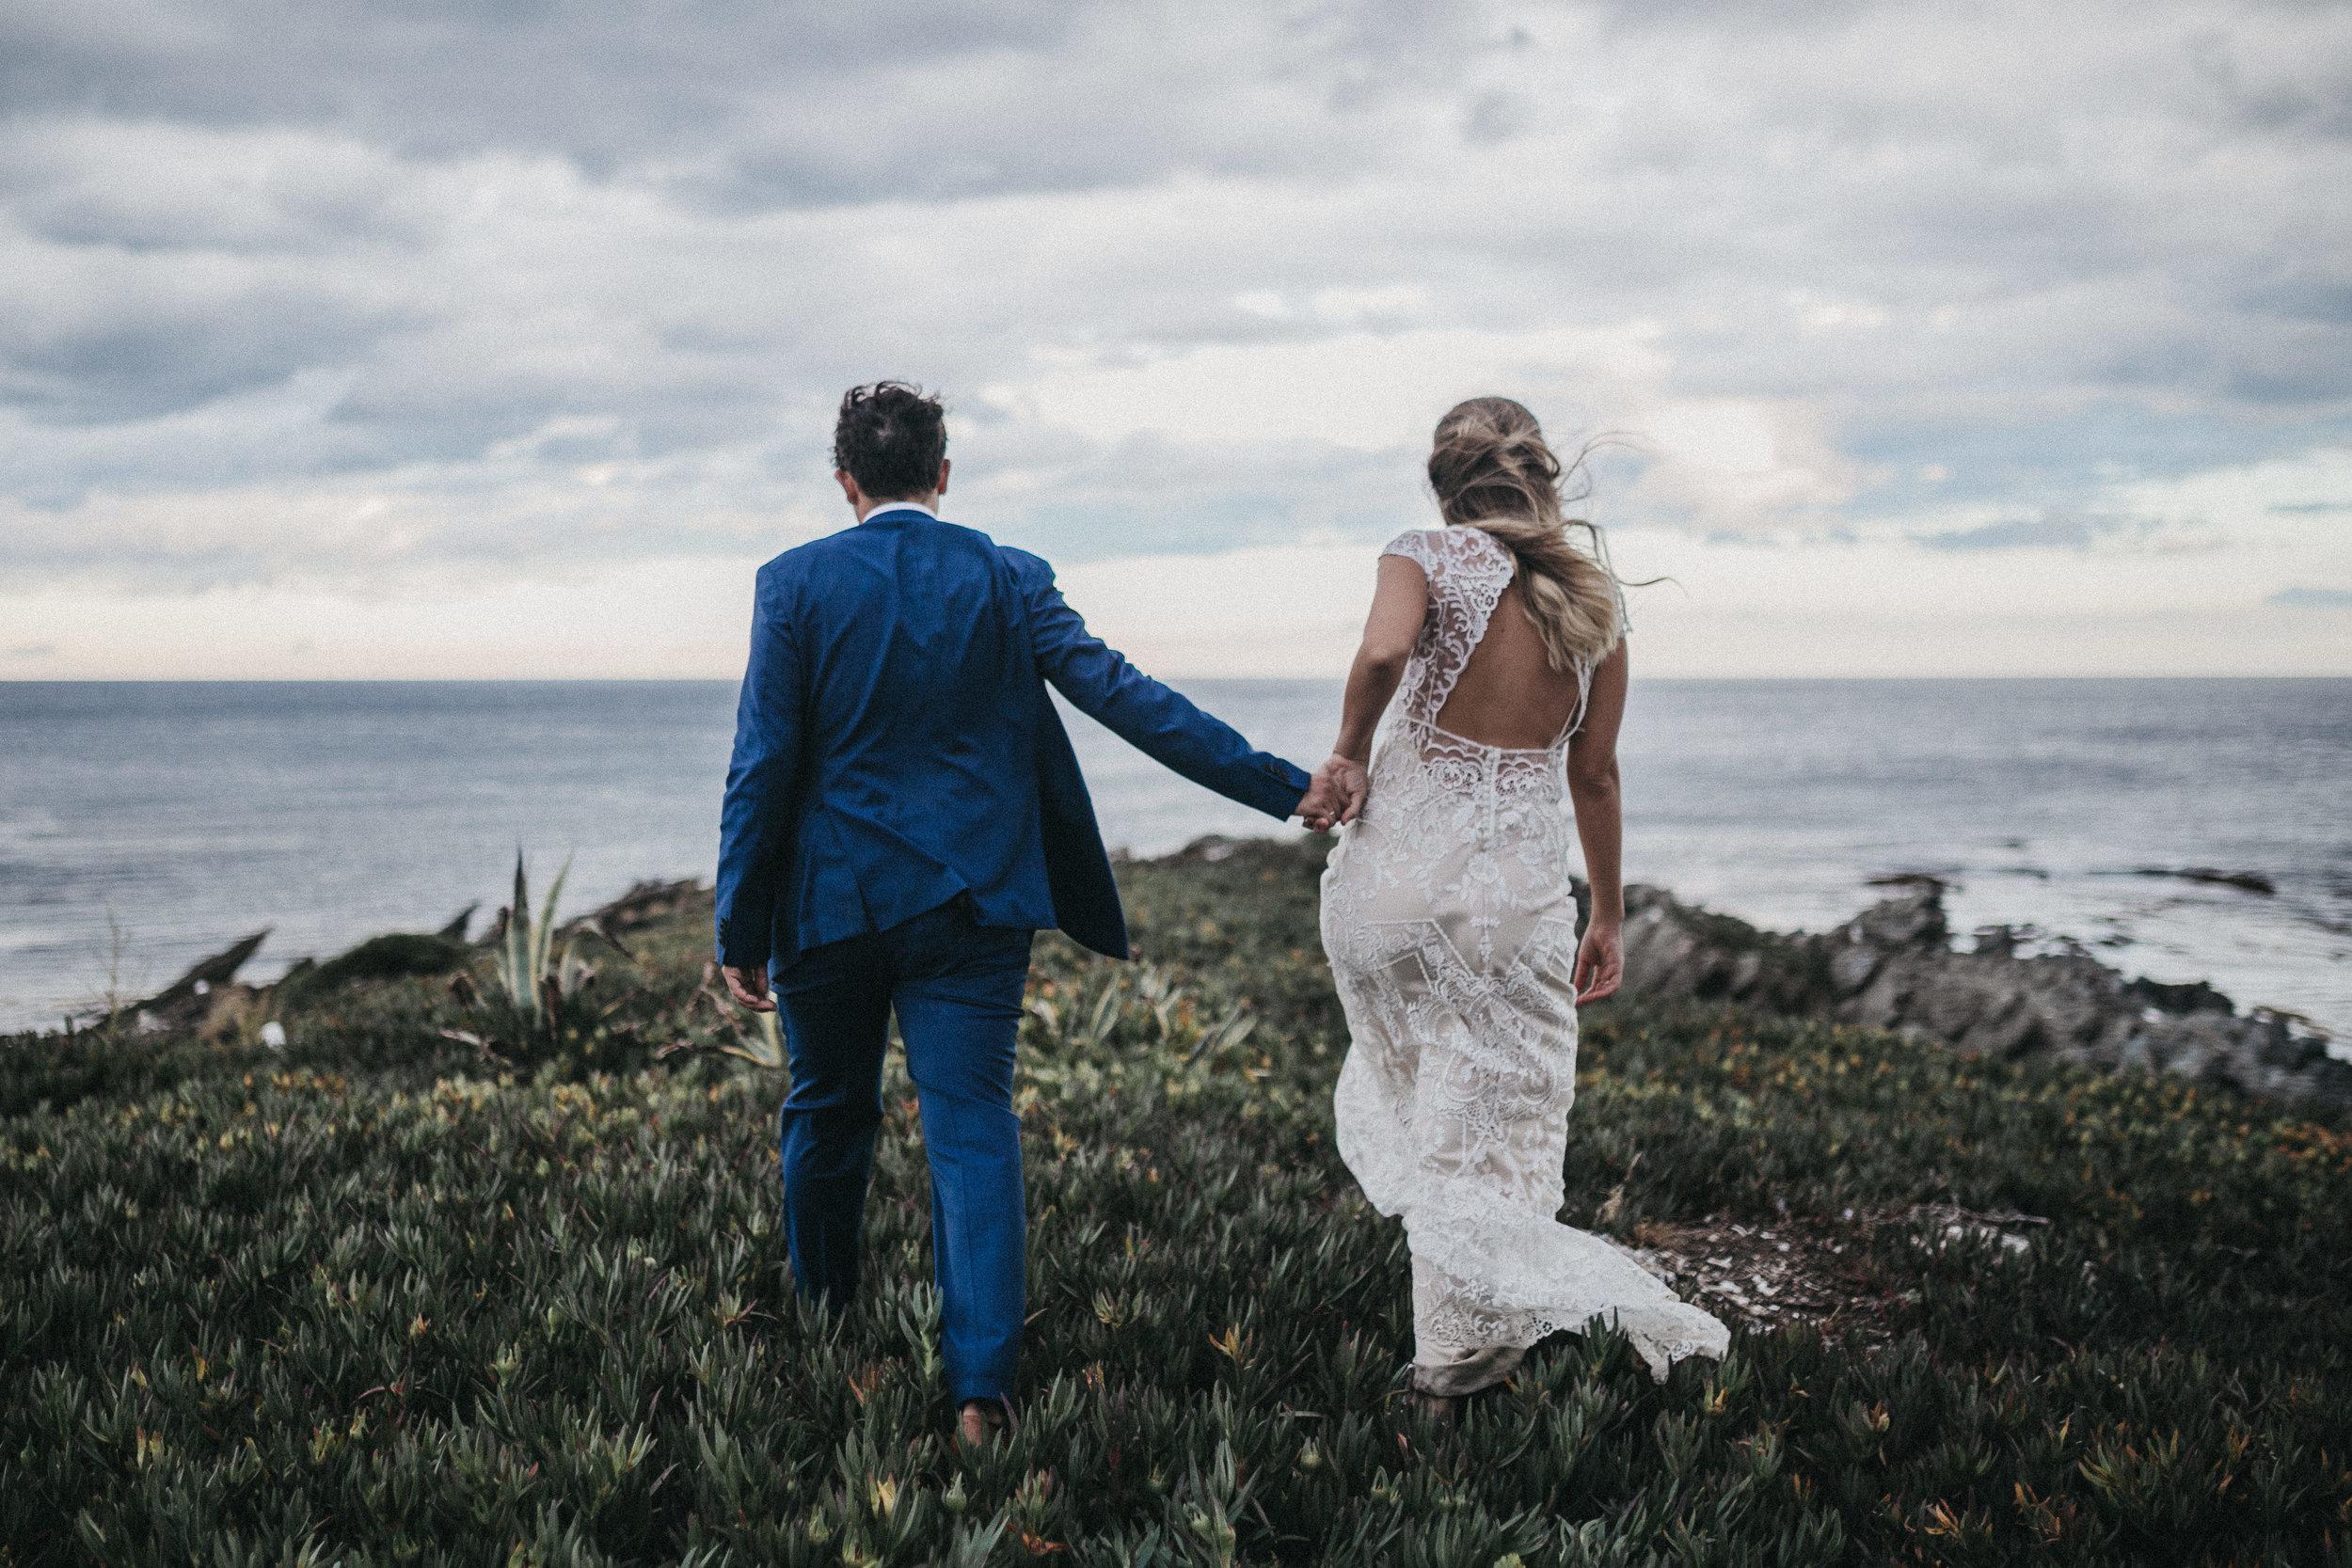 Fotografo de bodas españa serafin castillo wedding photographer spain 968.jpg